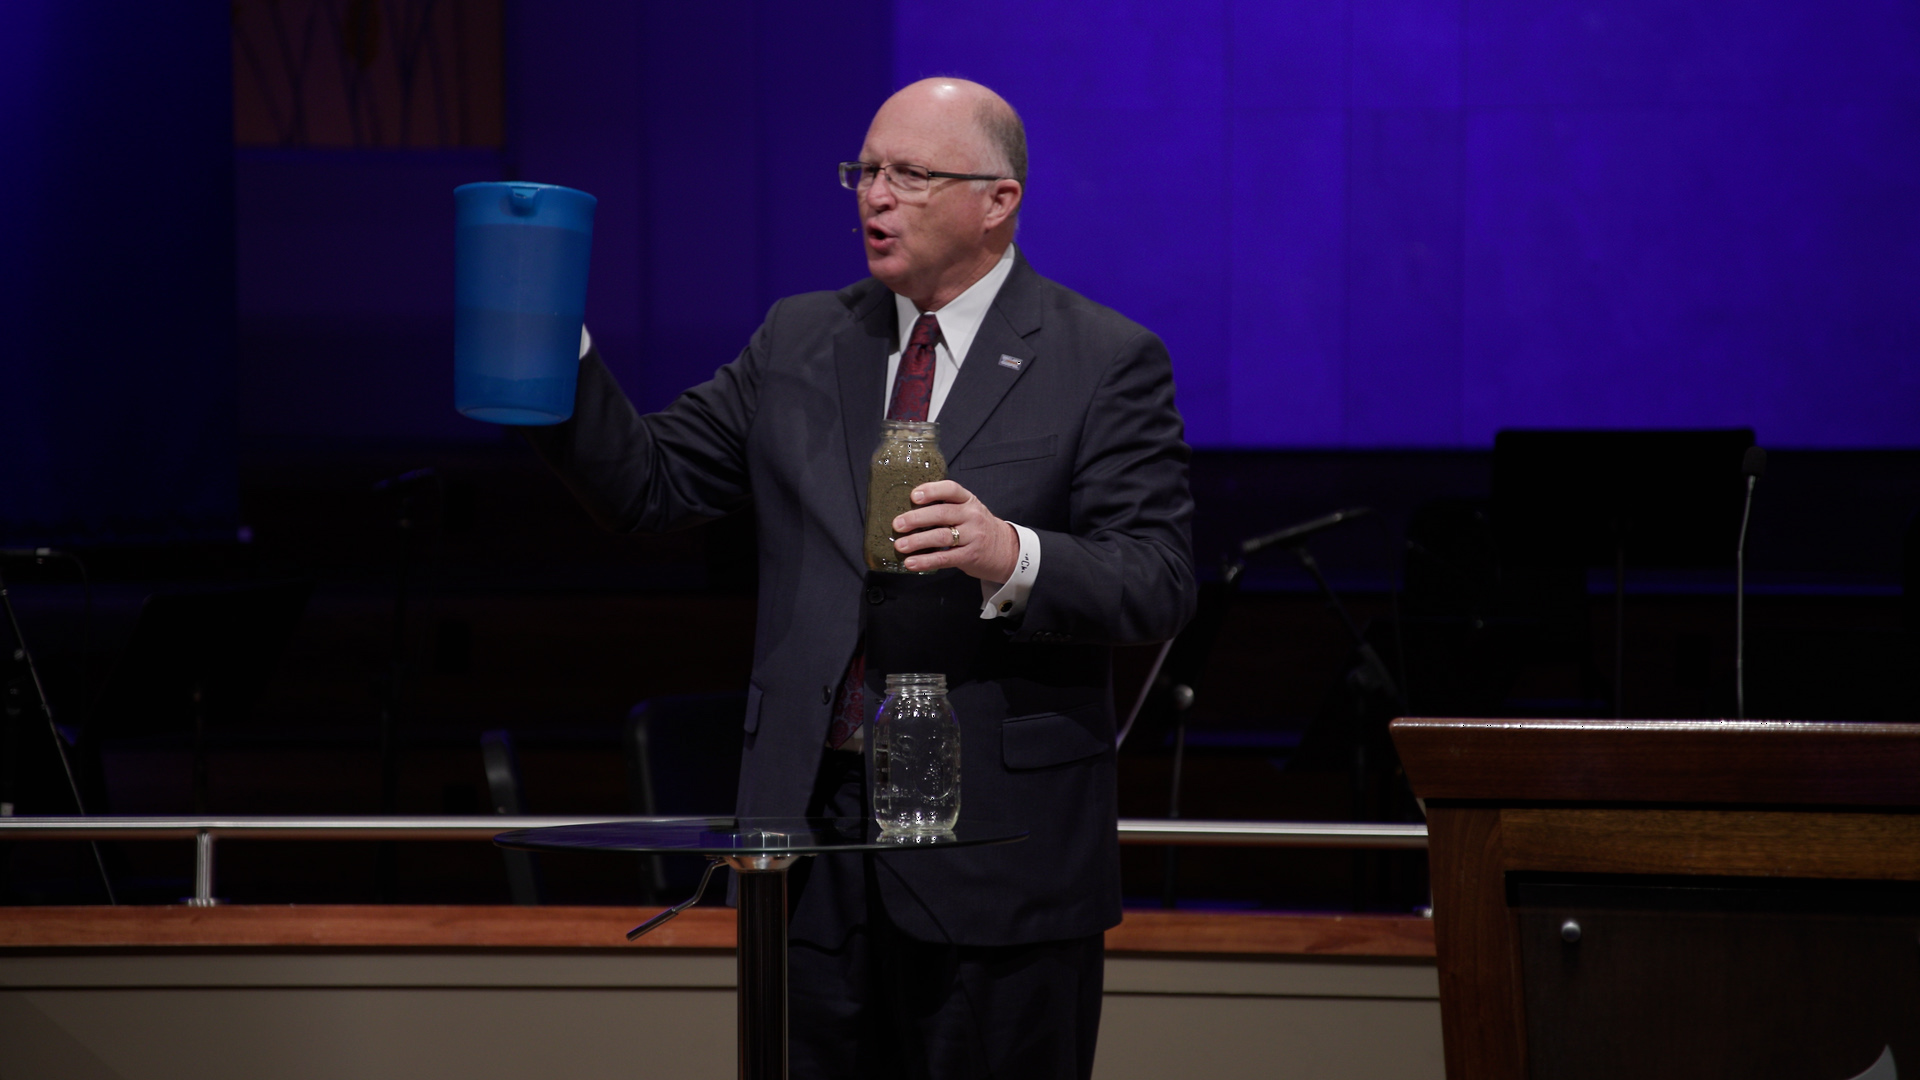 Pastor Paul Chappell: The Spirit of the Gospel